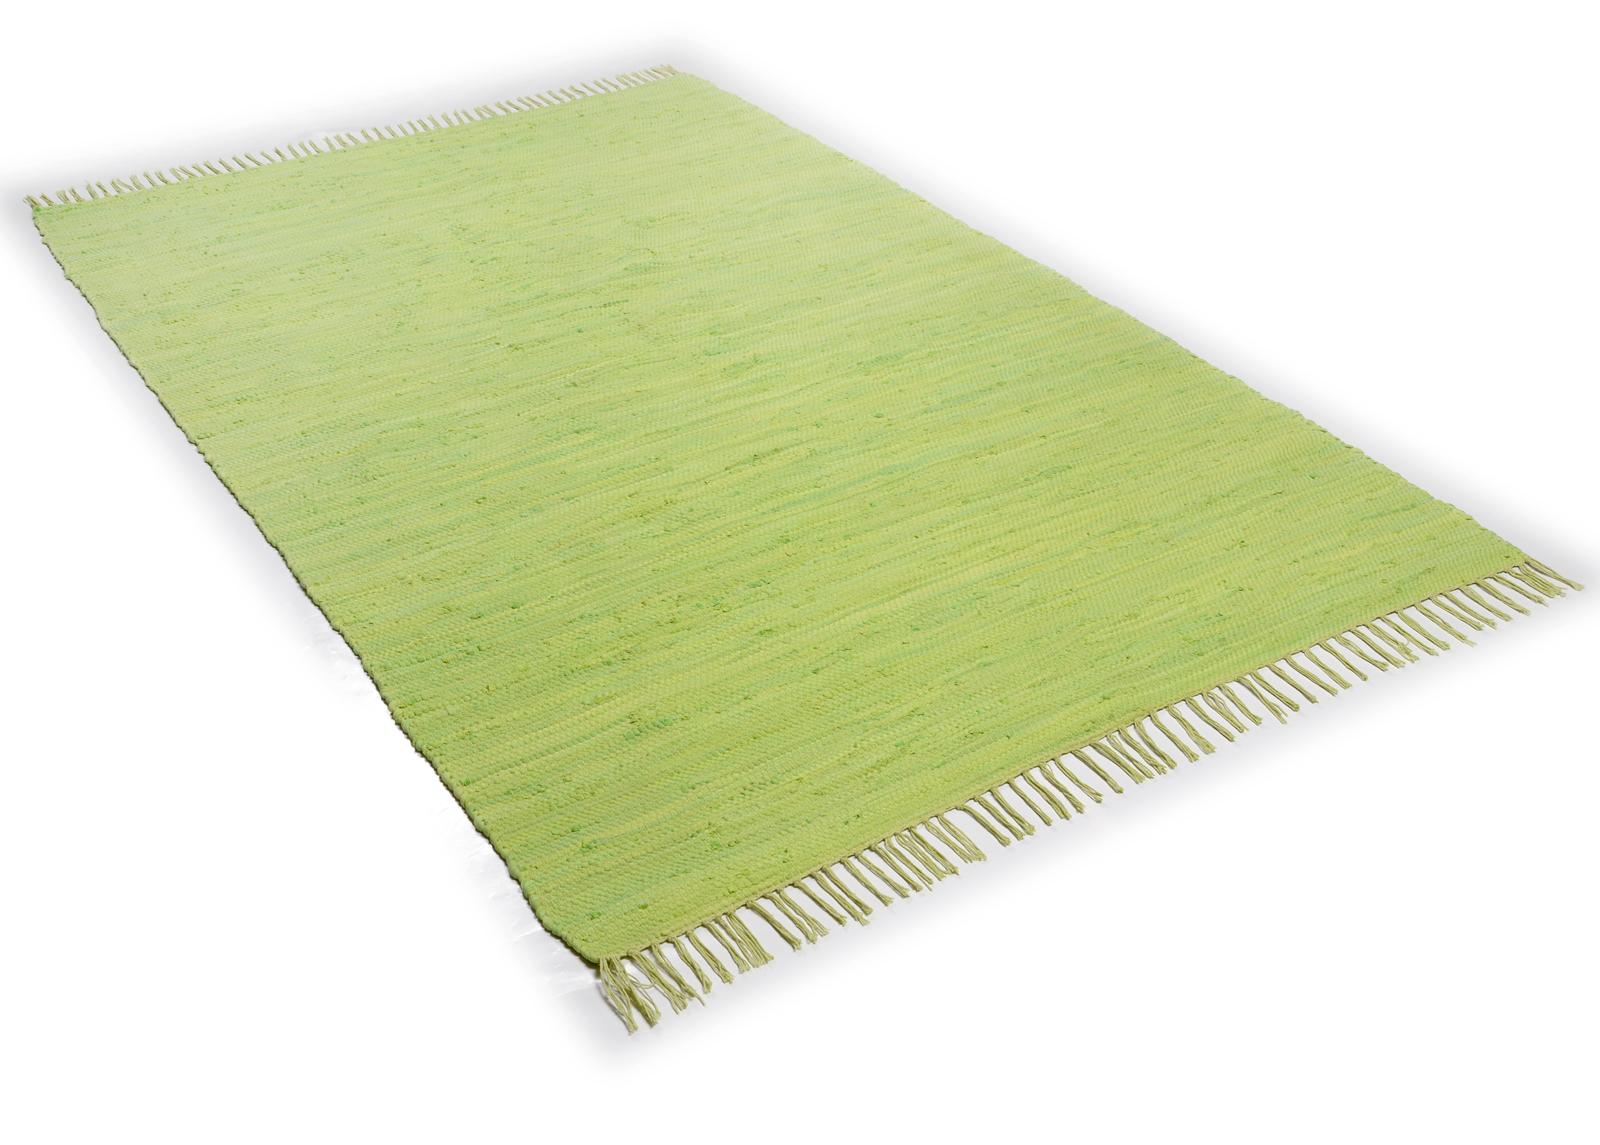 Matto Happy Cotton 70x250 cm, vihreä